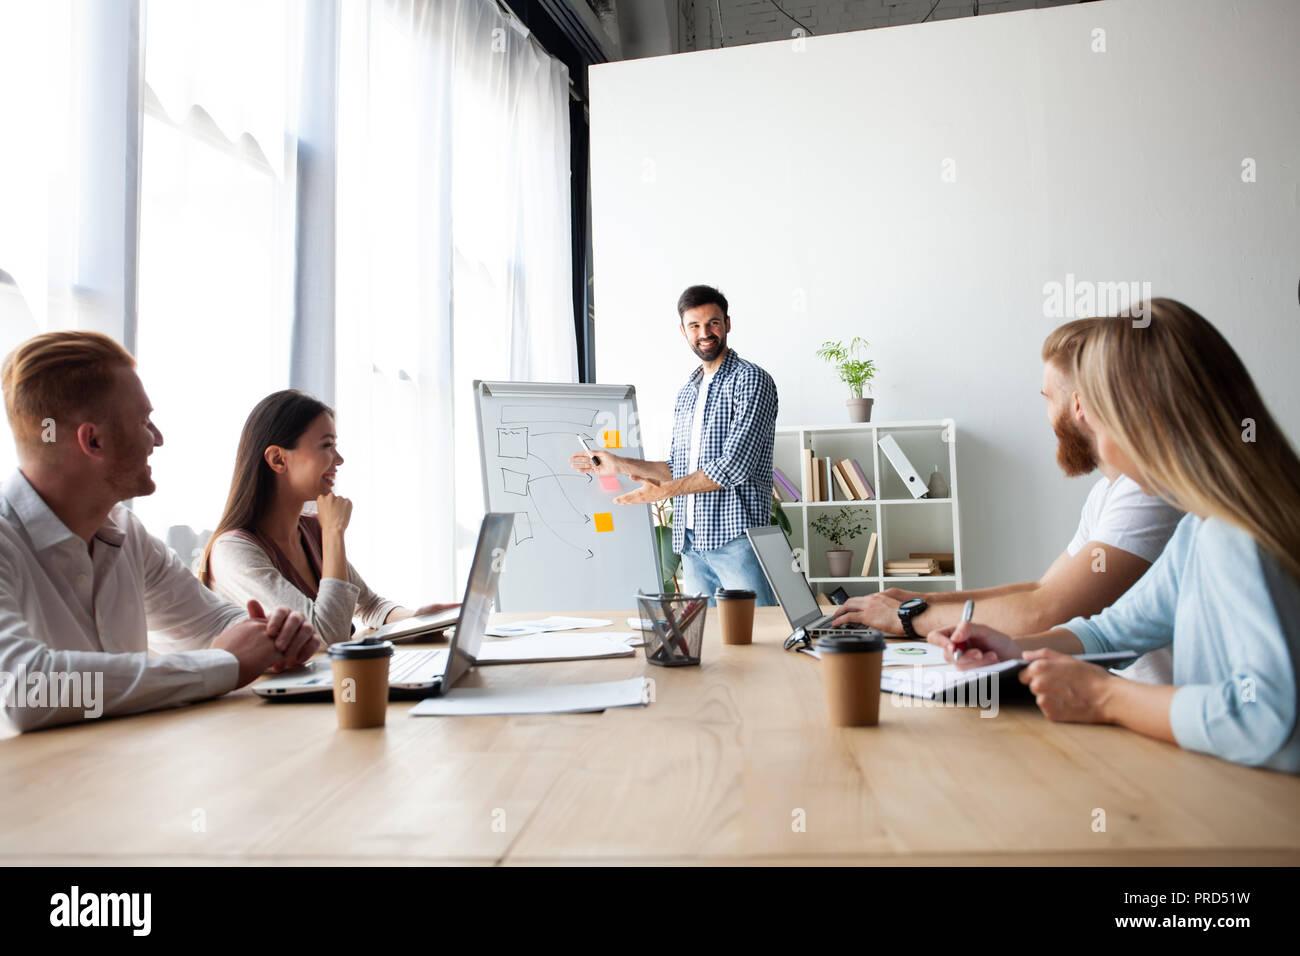 El logro de mejores resultados. Joven contemporáneo realizando una presentación de negocio mientras está de pie en la sala de juntas. Imagen De Stock